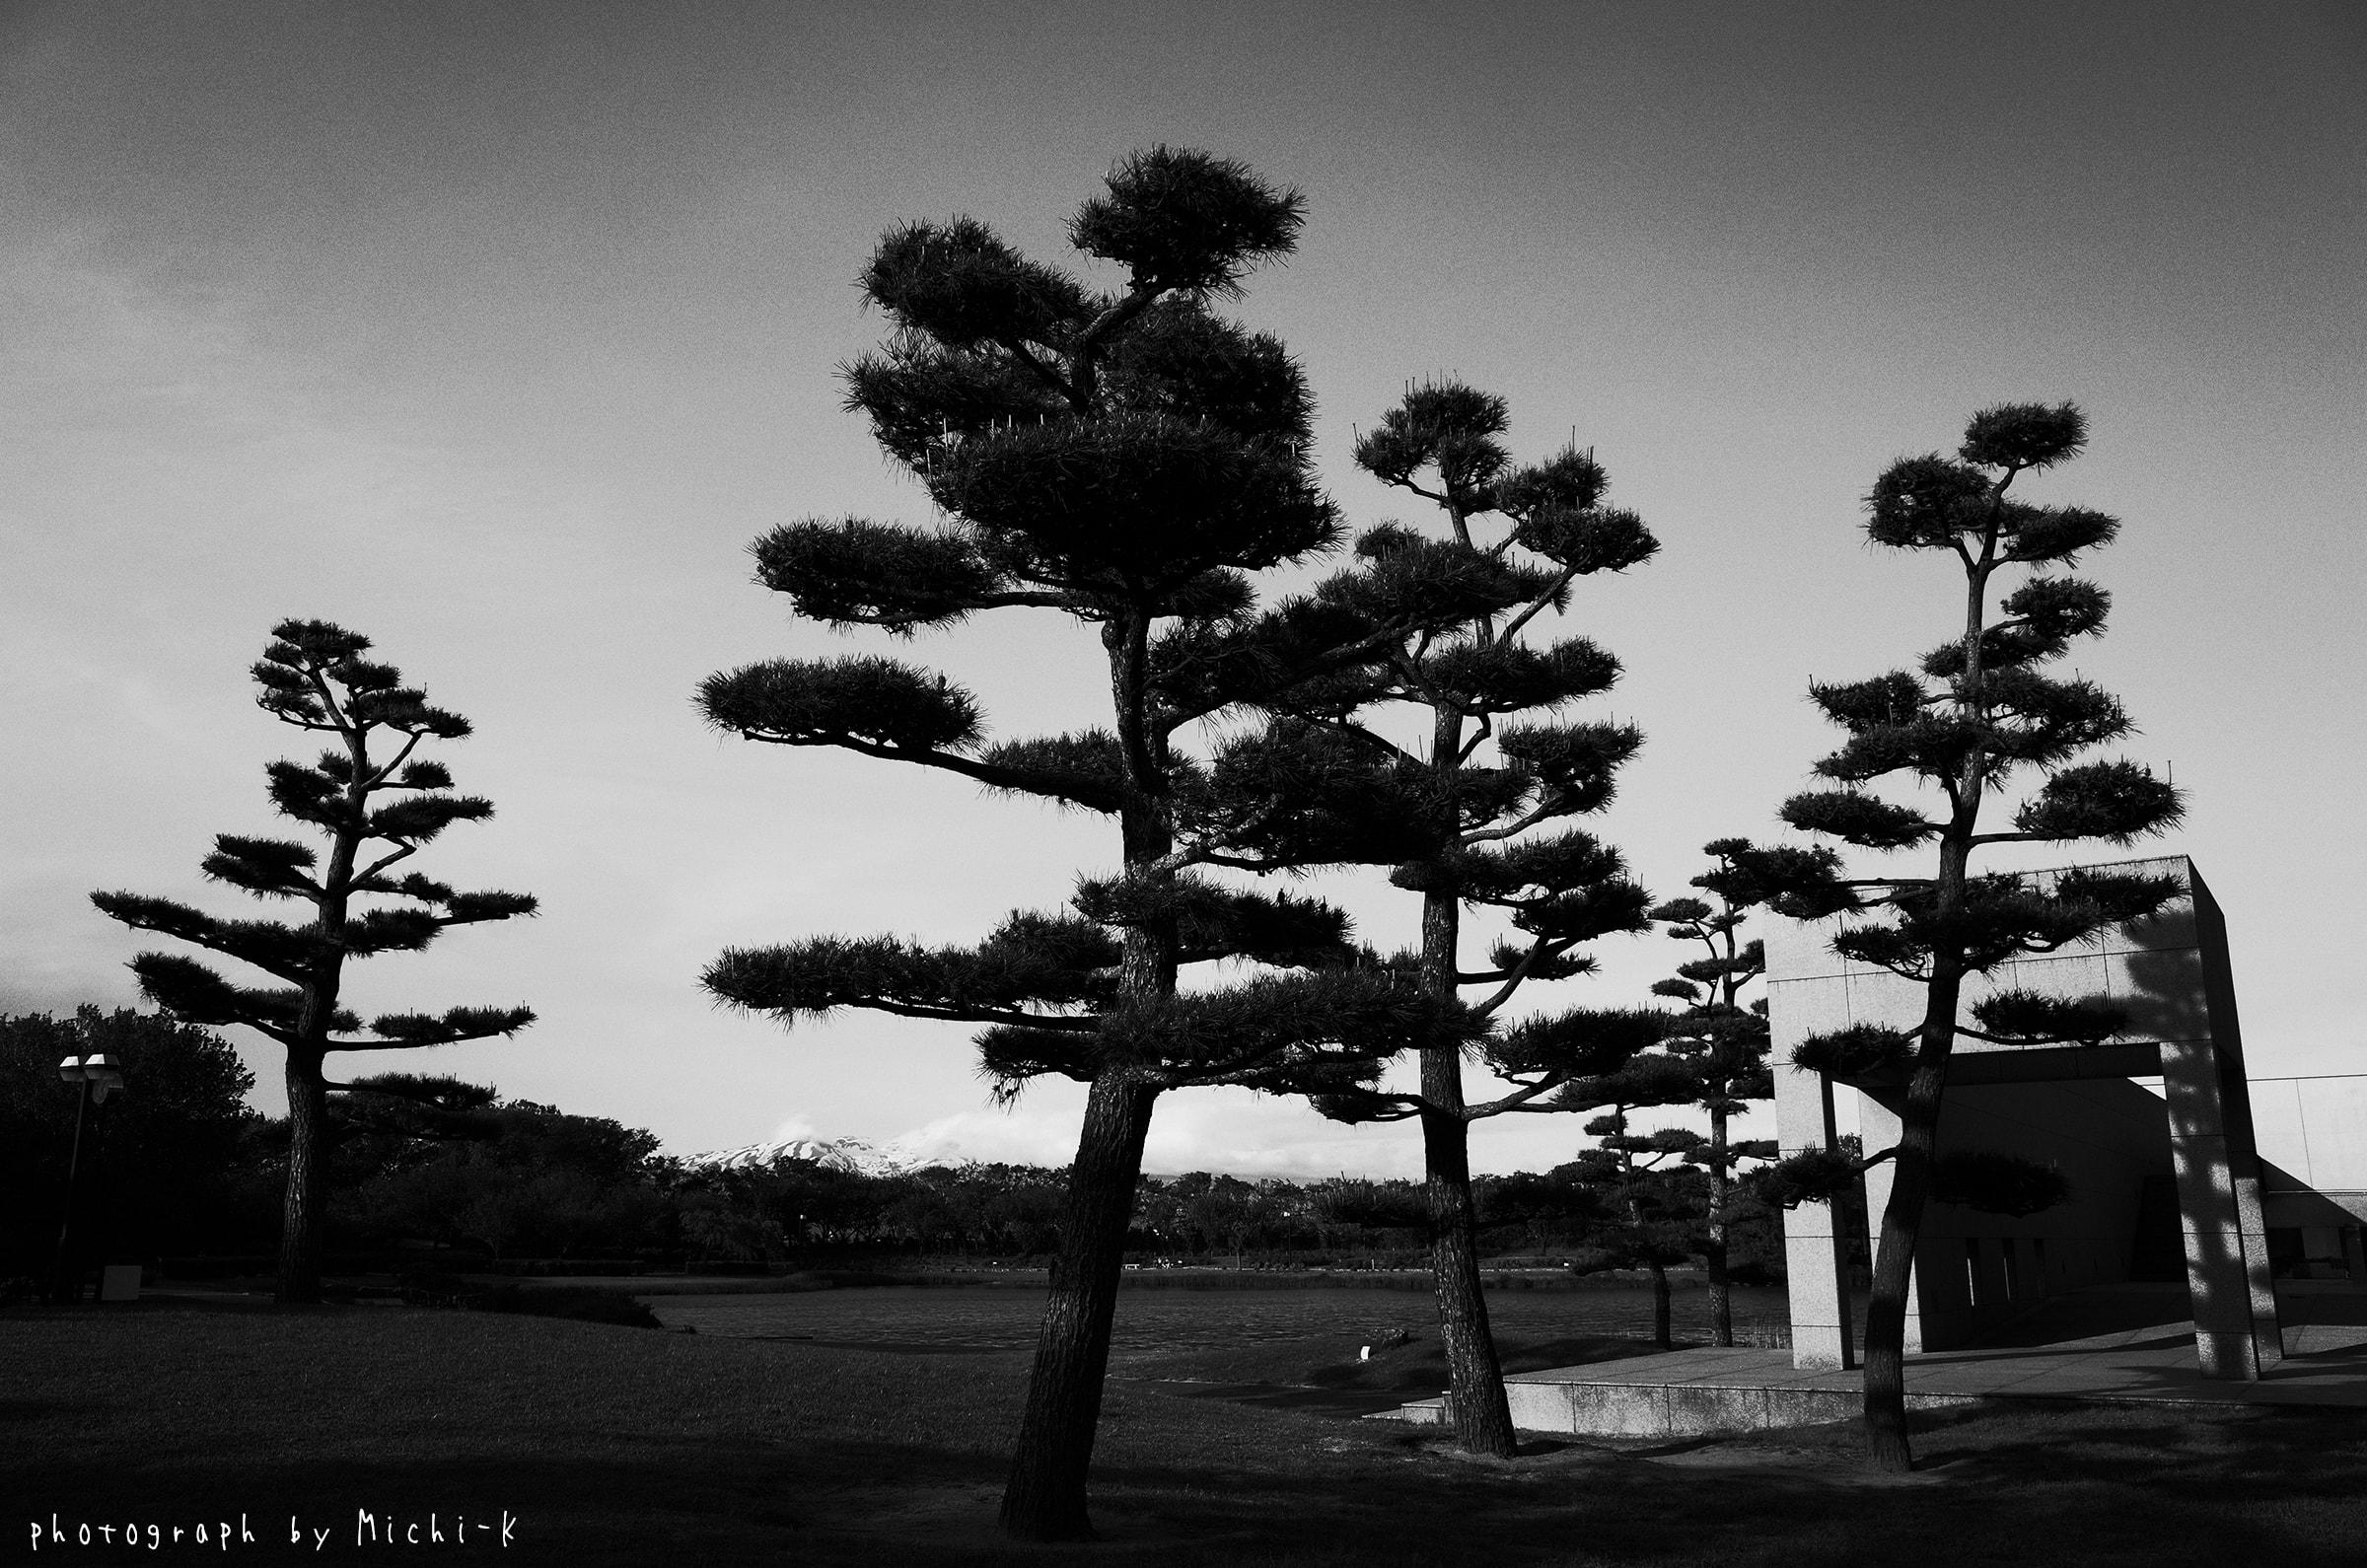 土門拳記念館-1(モノクロ)